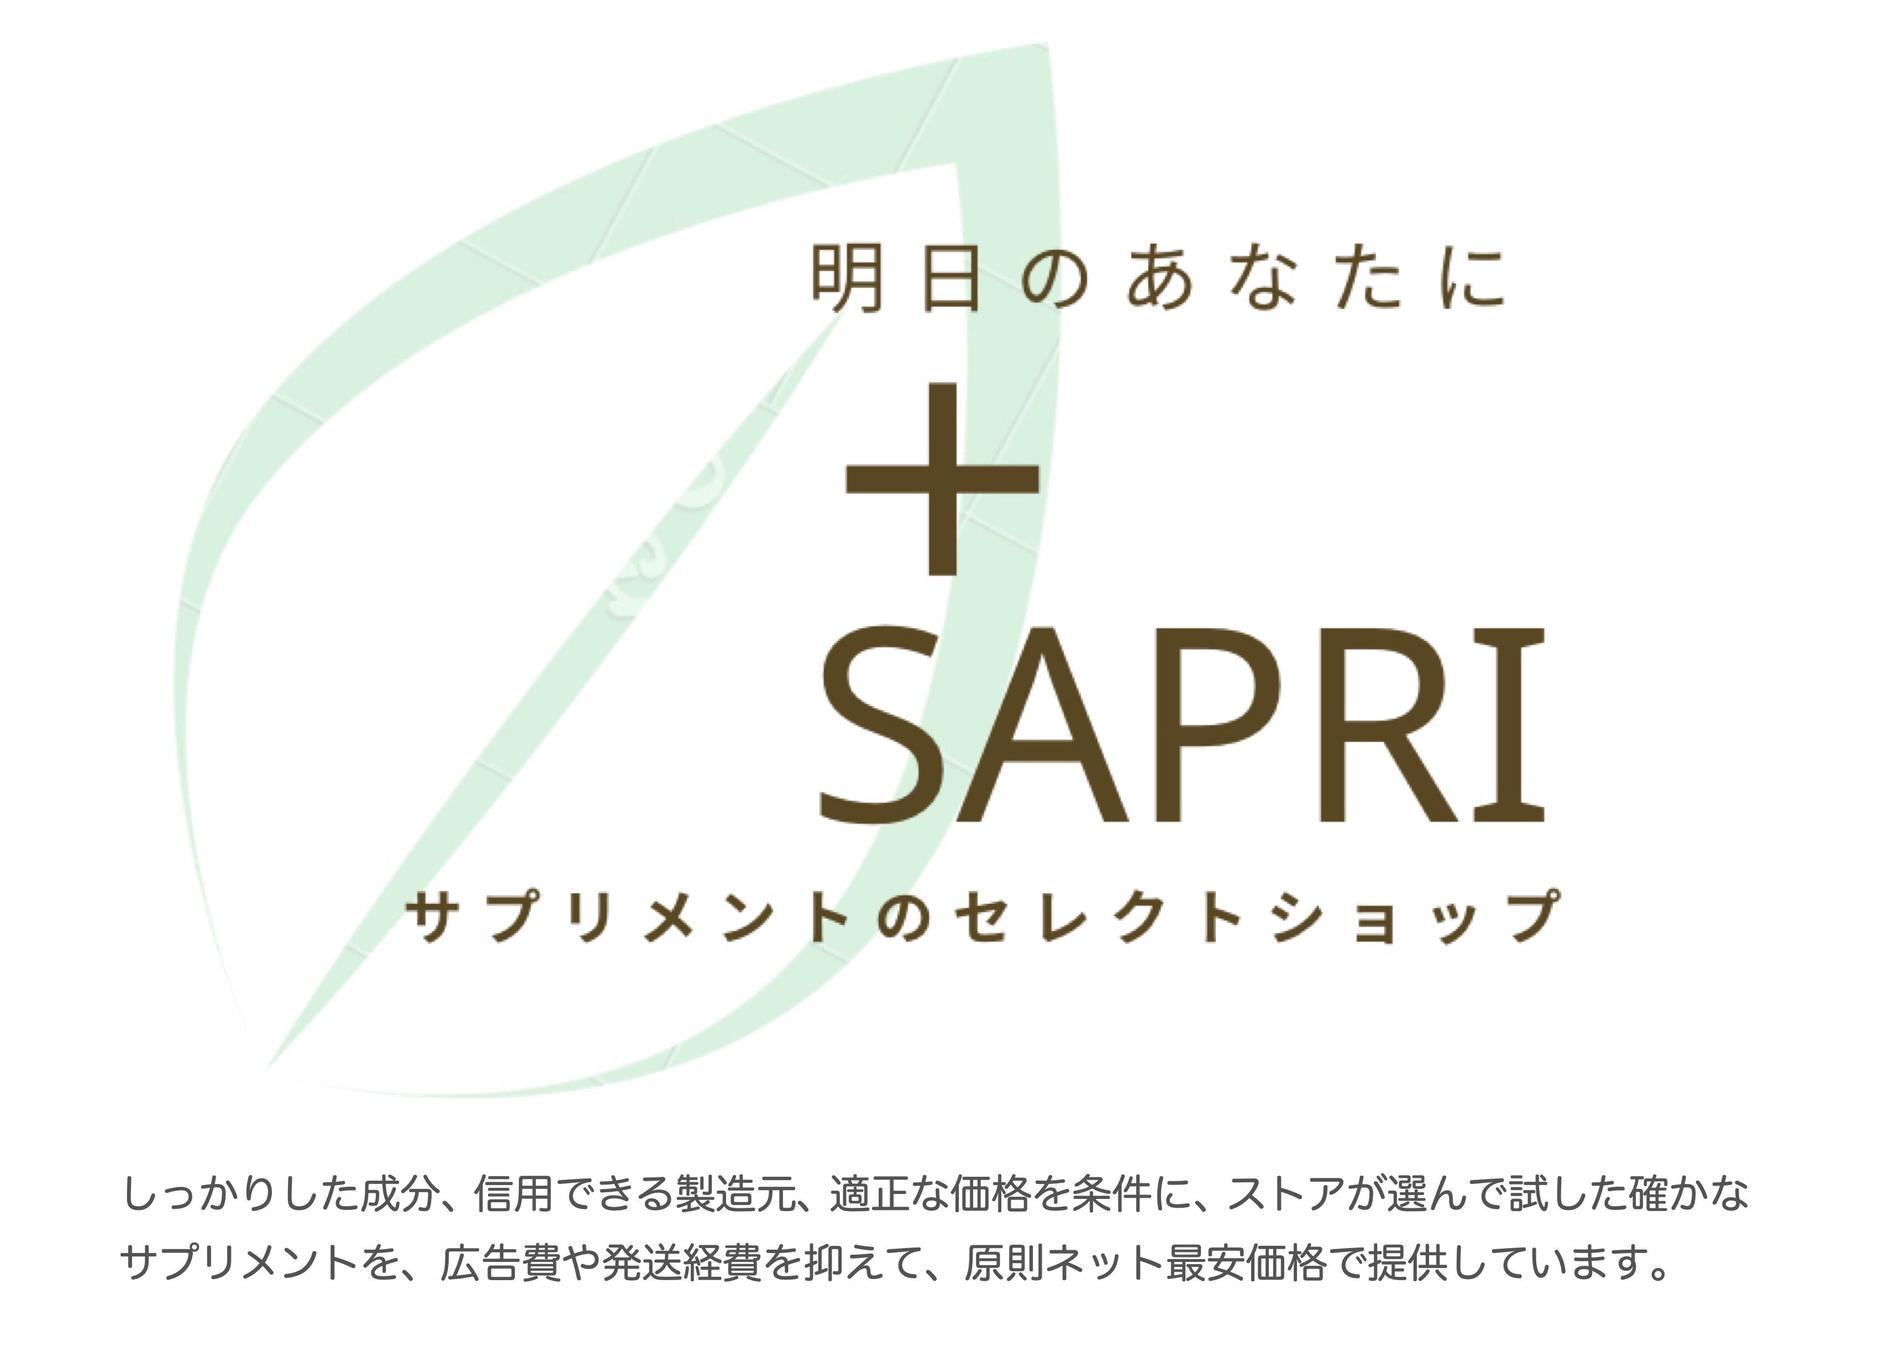 +SAPRI STORE